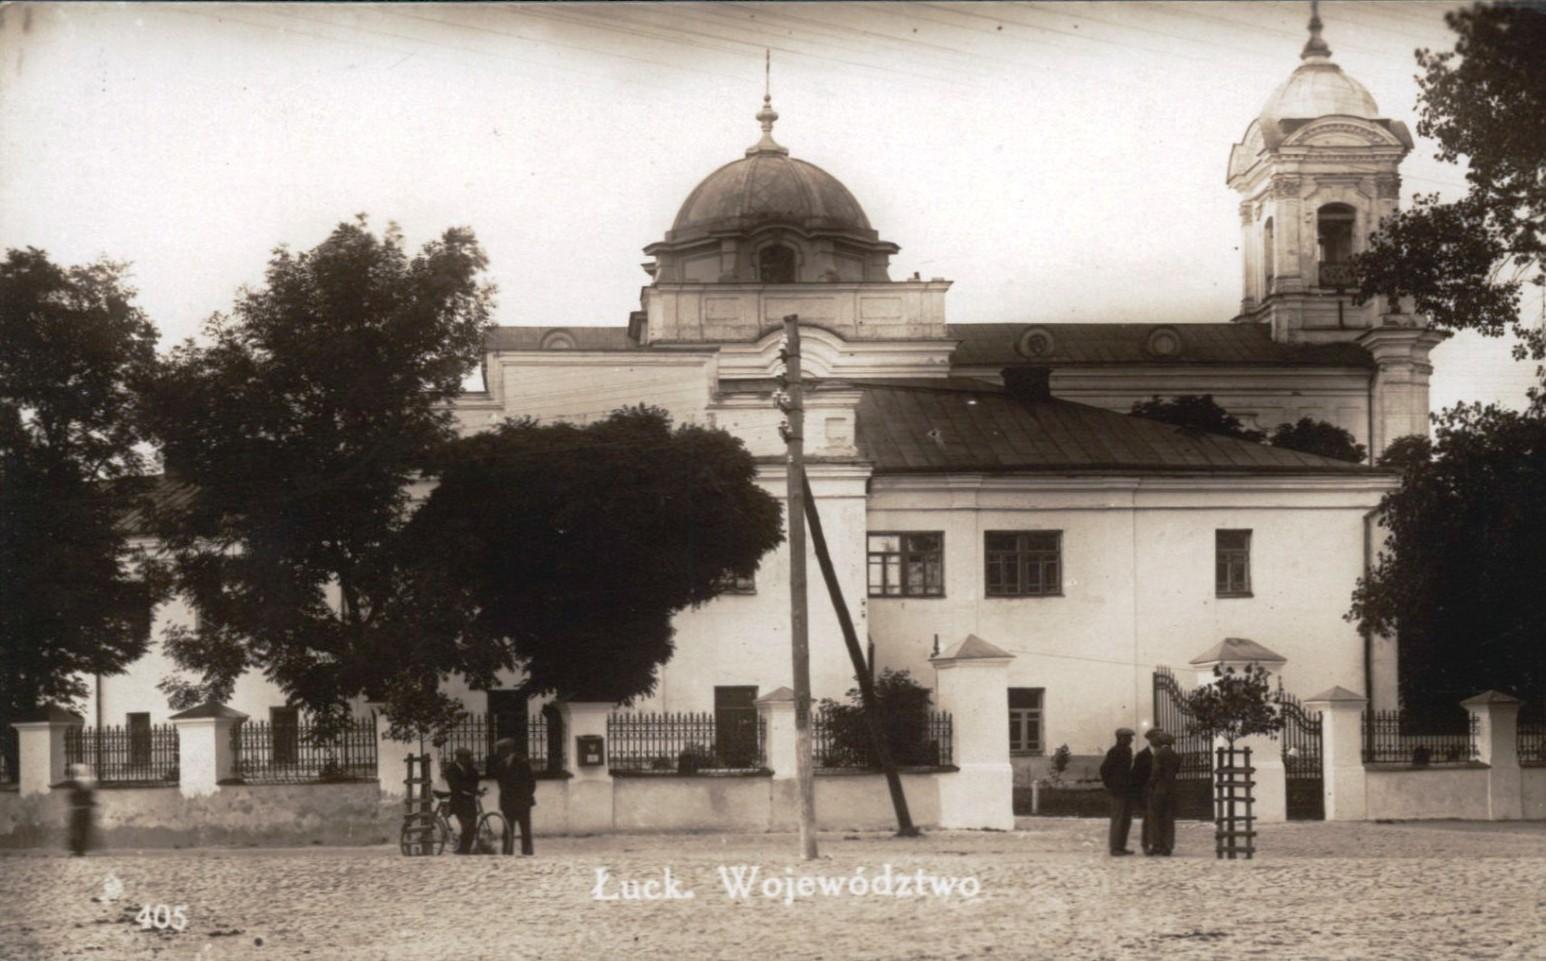 207960 Lutsk urzad wojew  -  Луцк. Воеводская  администрация